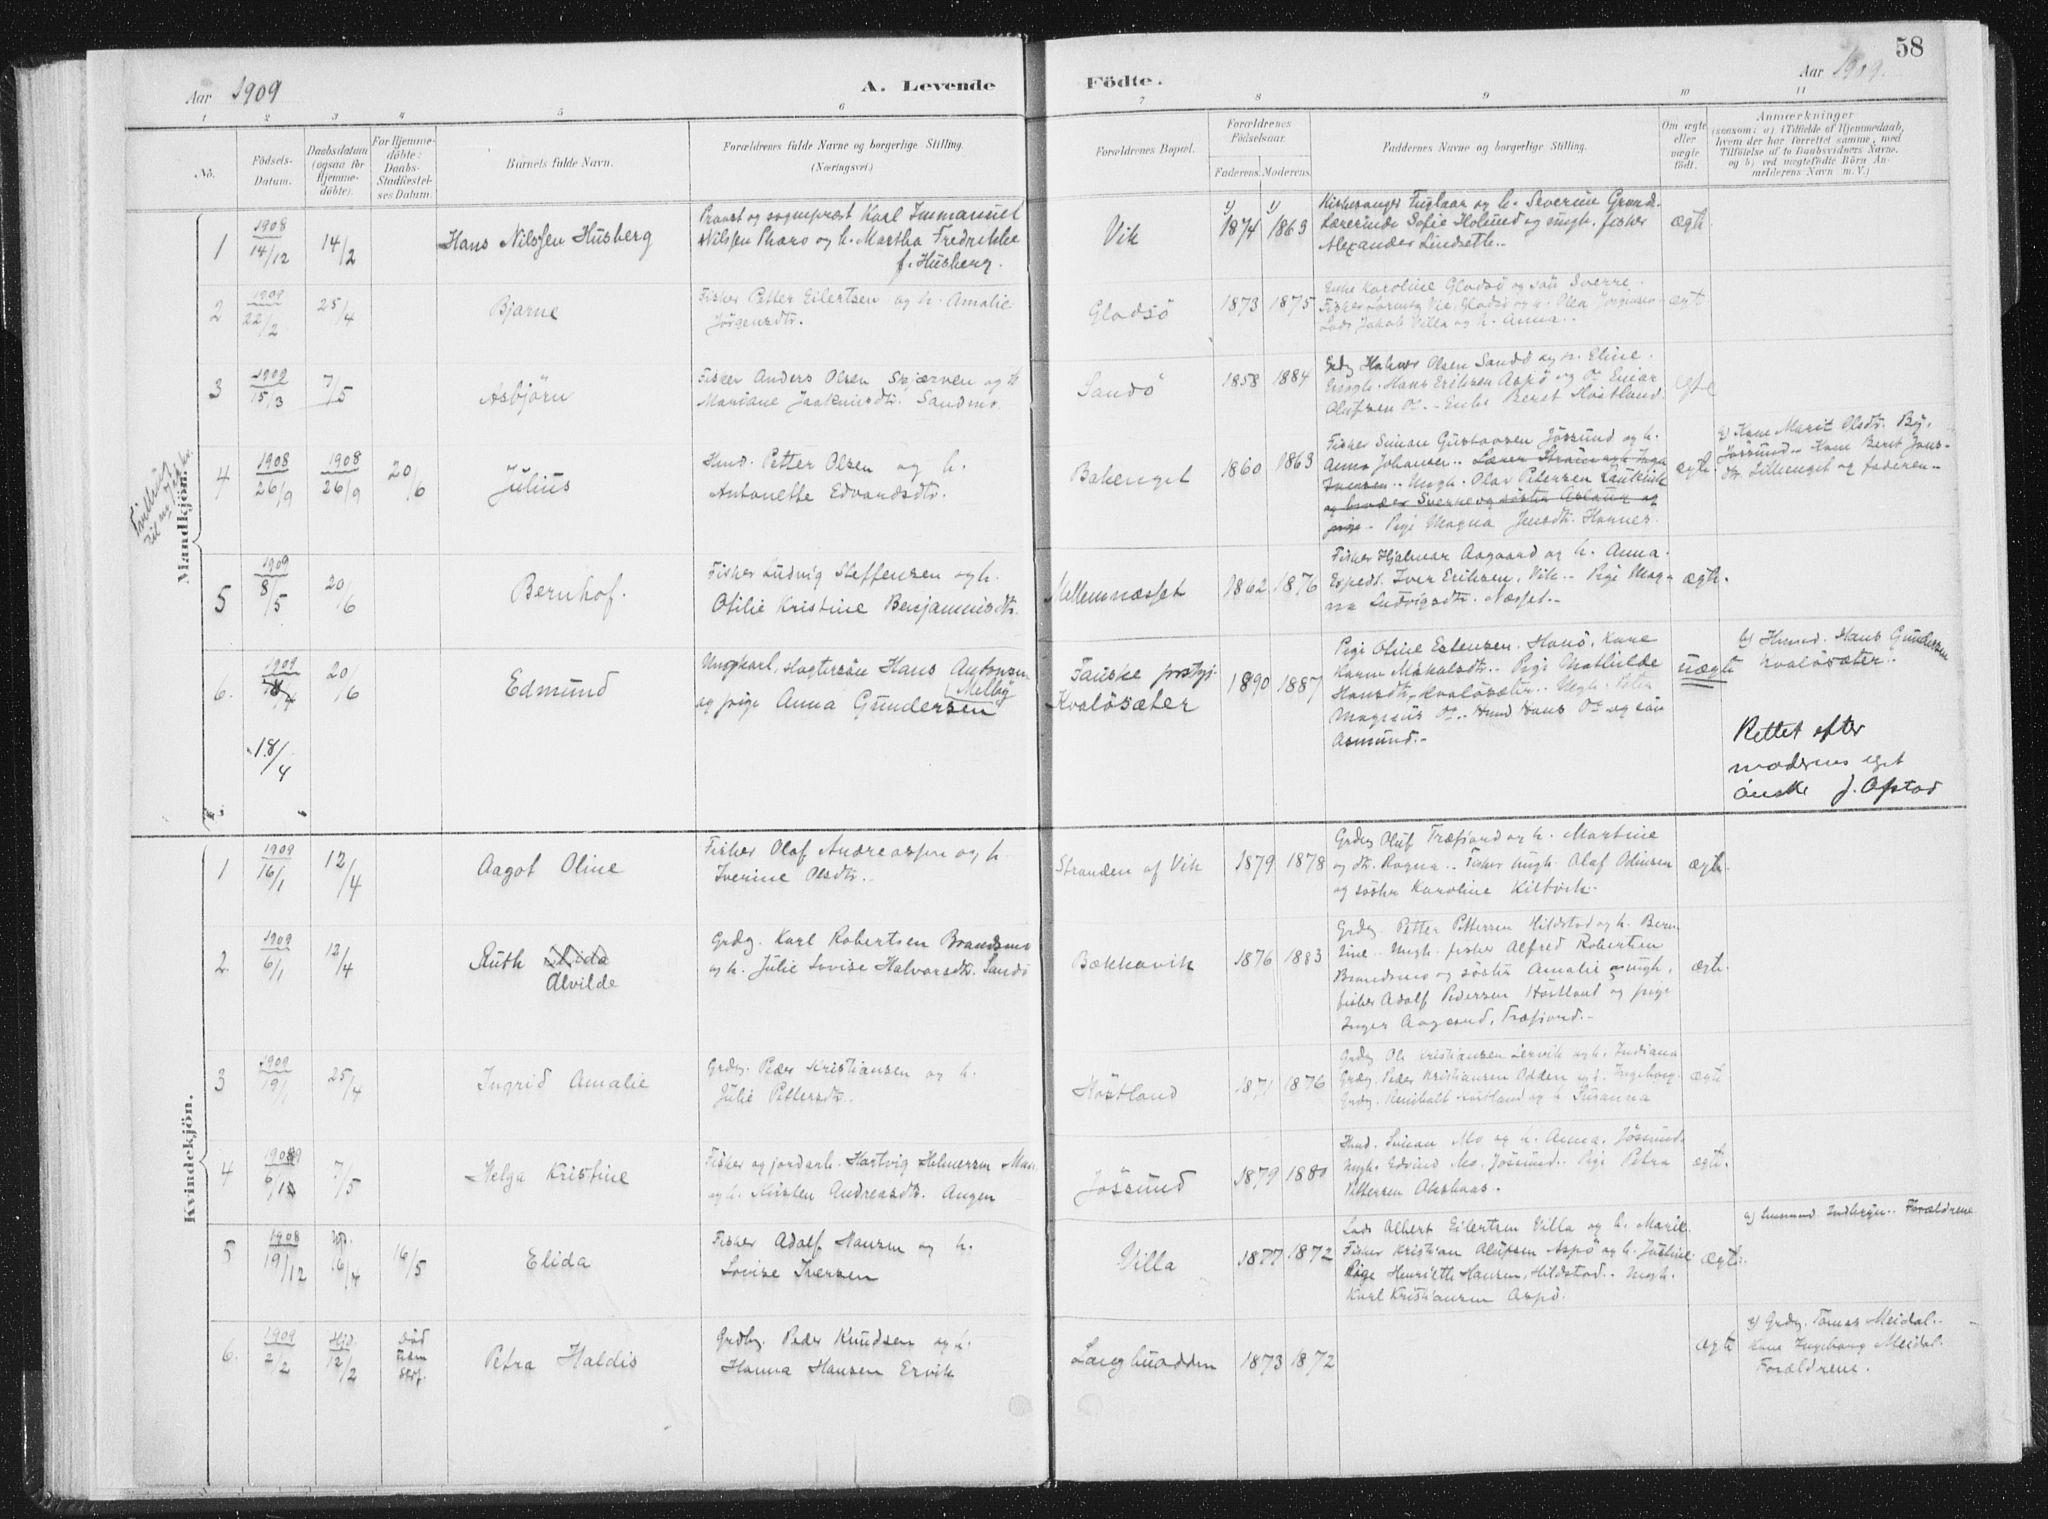 SAT, Ministerialprotokoller, klokkerbøker og fødselsregistre - Nord-Trøndelag, 771/L0597: Ministerialbok nr. 771A04, 1885-1910, s. 58